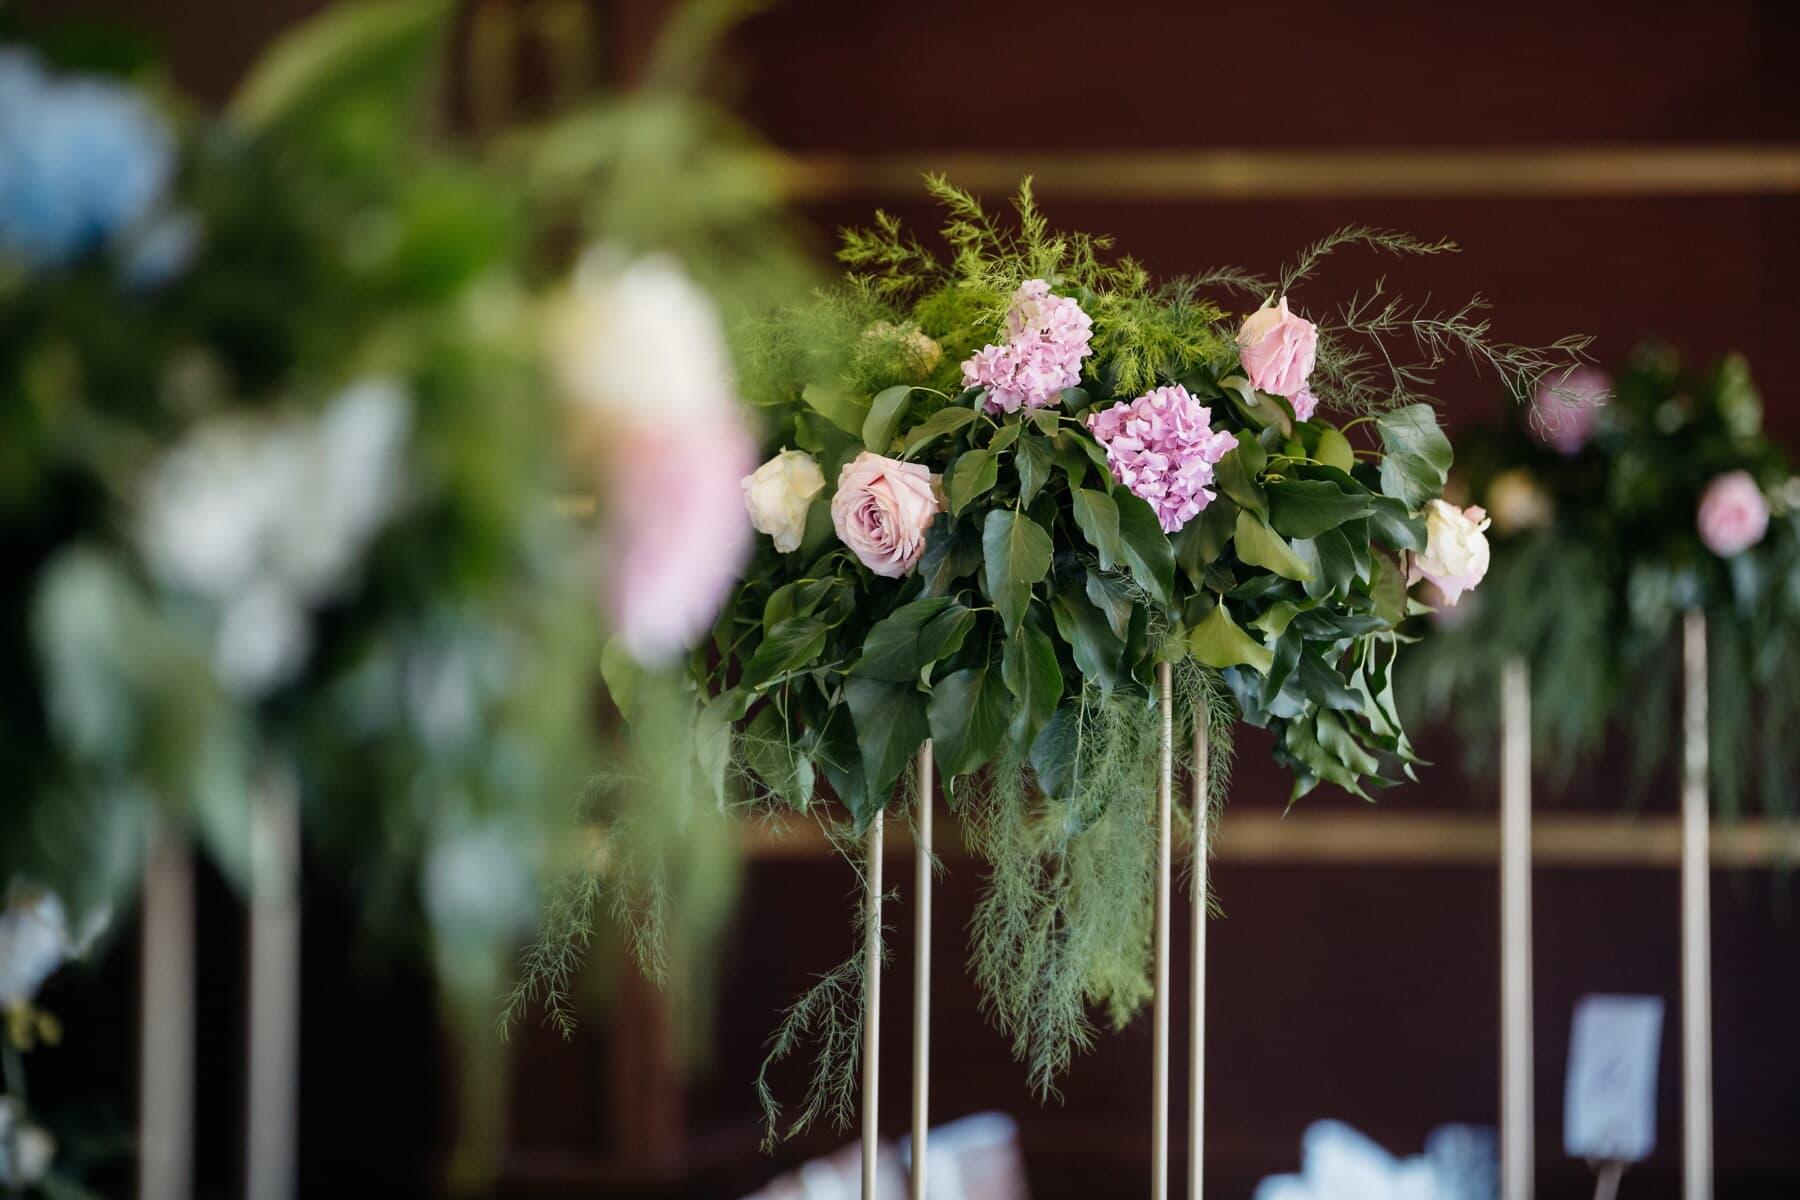 Vase, Still-Leben, Blumen, Natur, Blatt, Anlage, Anordnung, Blume, Blumenstrauß, Dekoration